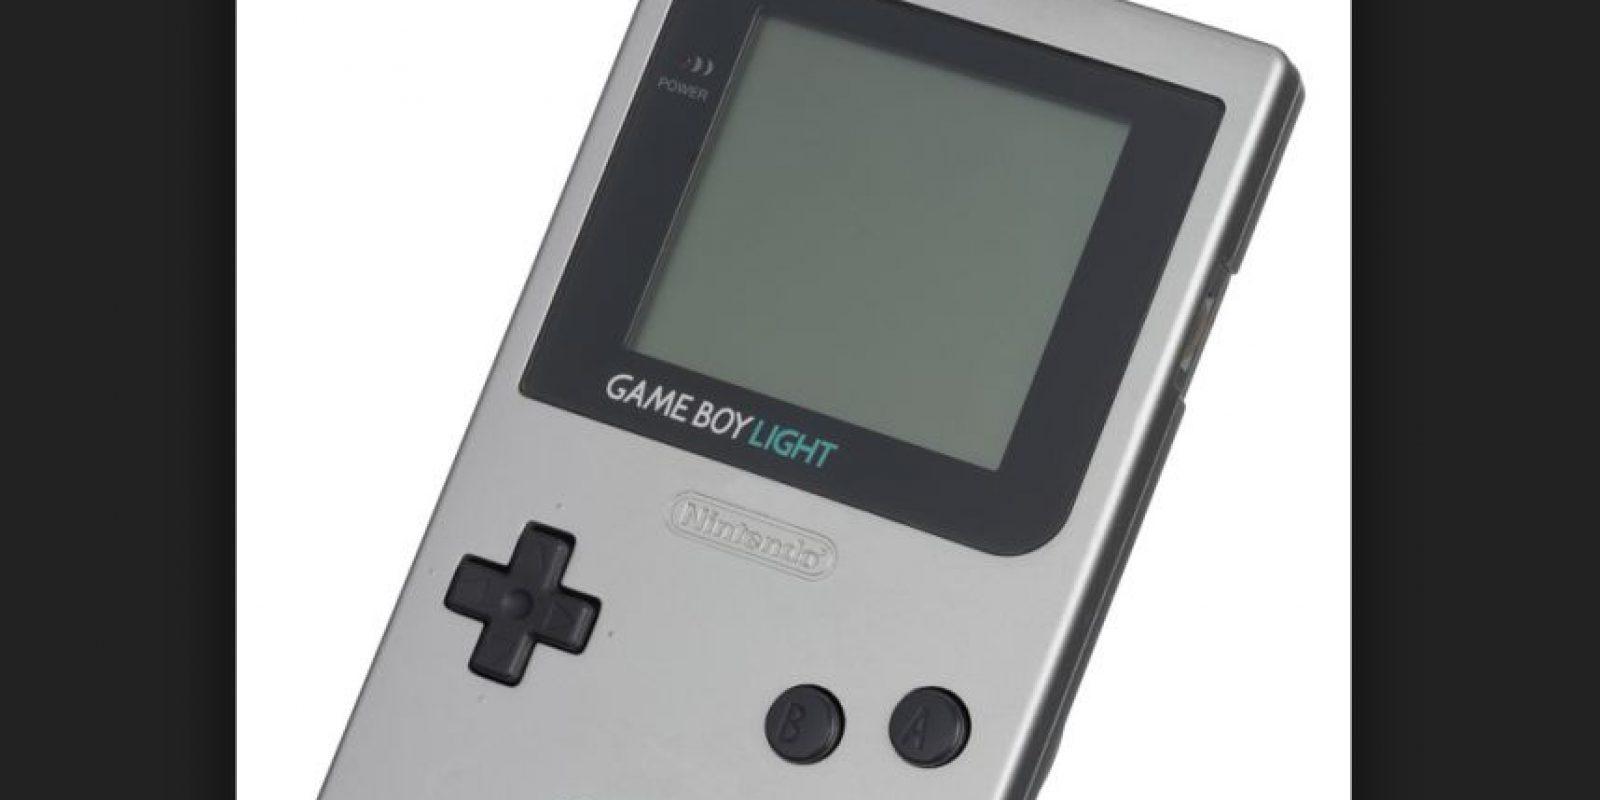 La Game Boy es oficialmente la tercera consola mas vendida del mundo y por encima de la Playstation. En la imagen pueden ver el modelo Game Boy Light, que salió a la venta únicamente en Japón en 1997 Foto:Nintendo